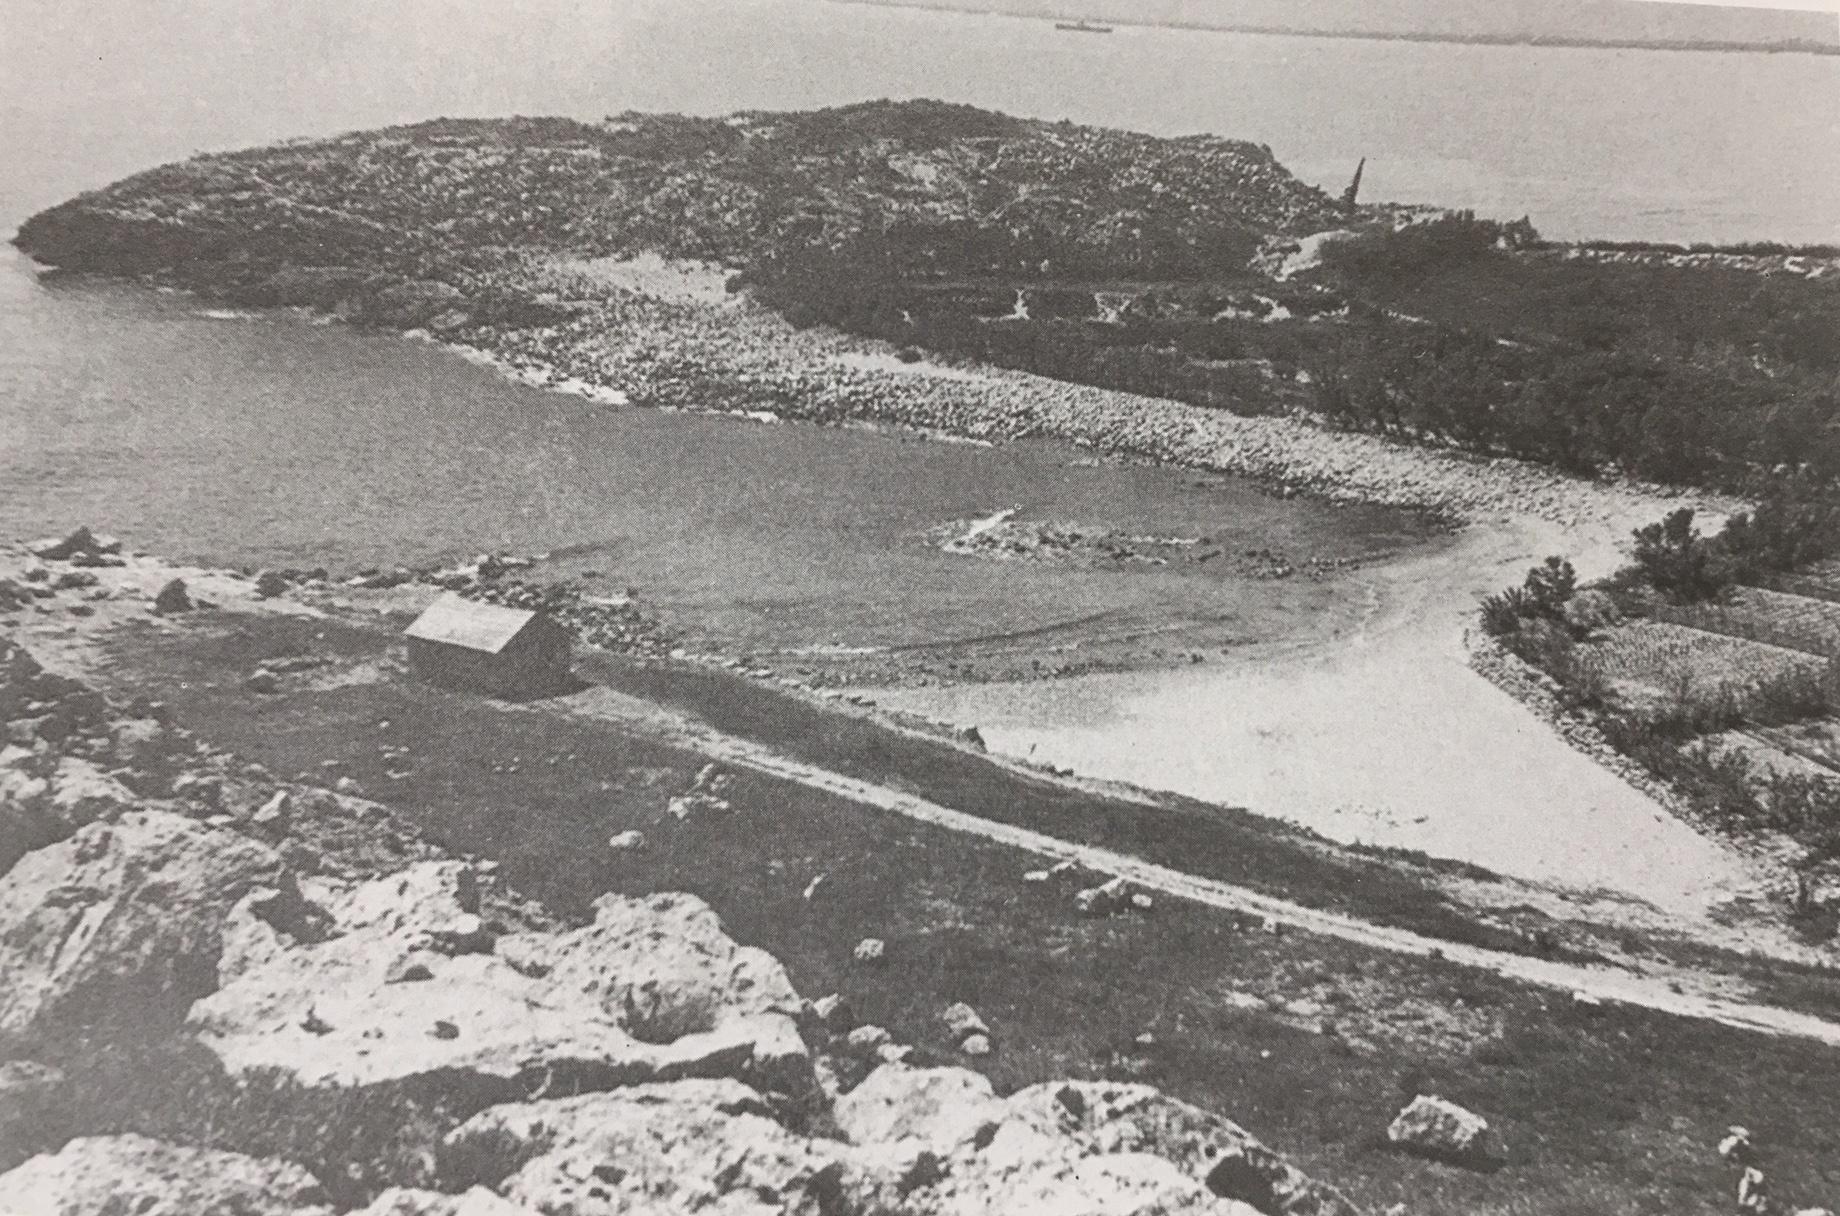 Fotografía antigua de la unión de la costa con la isla de los Pensamientos